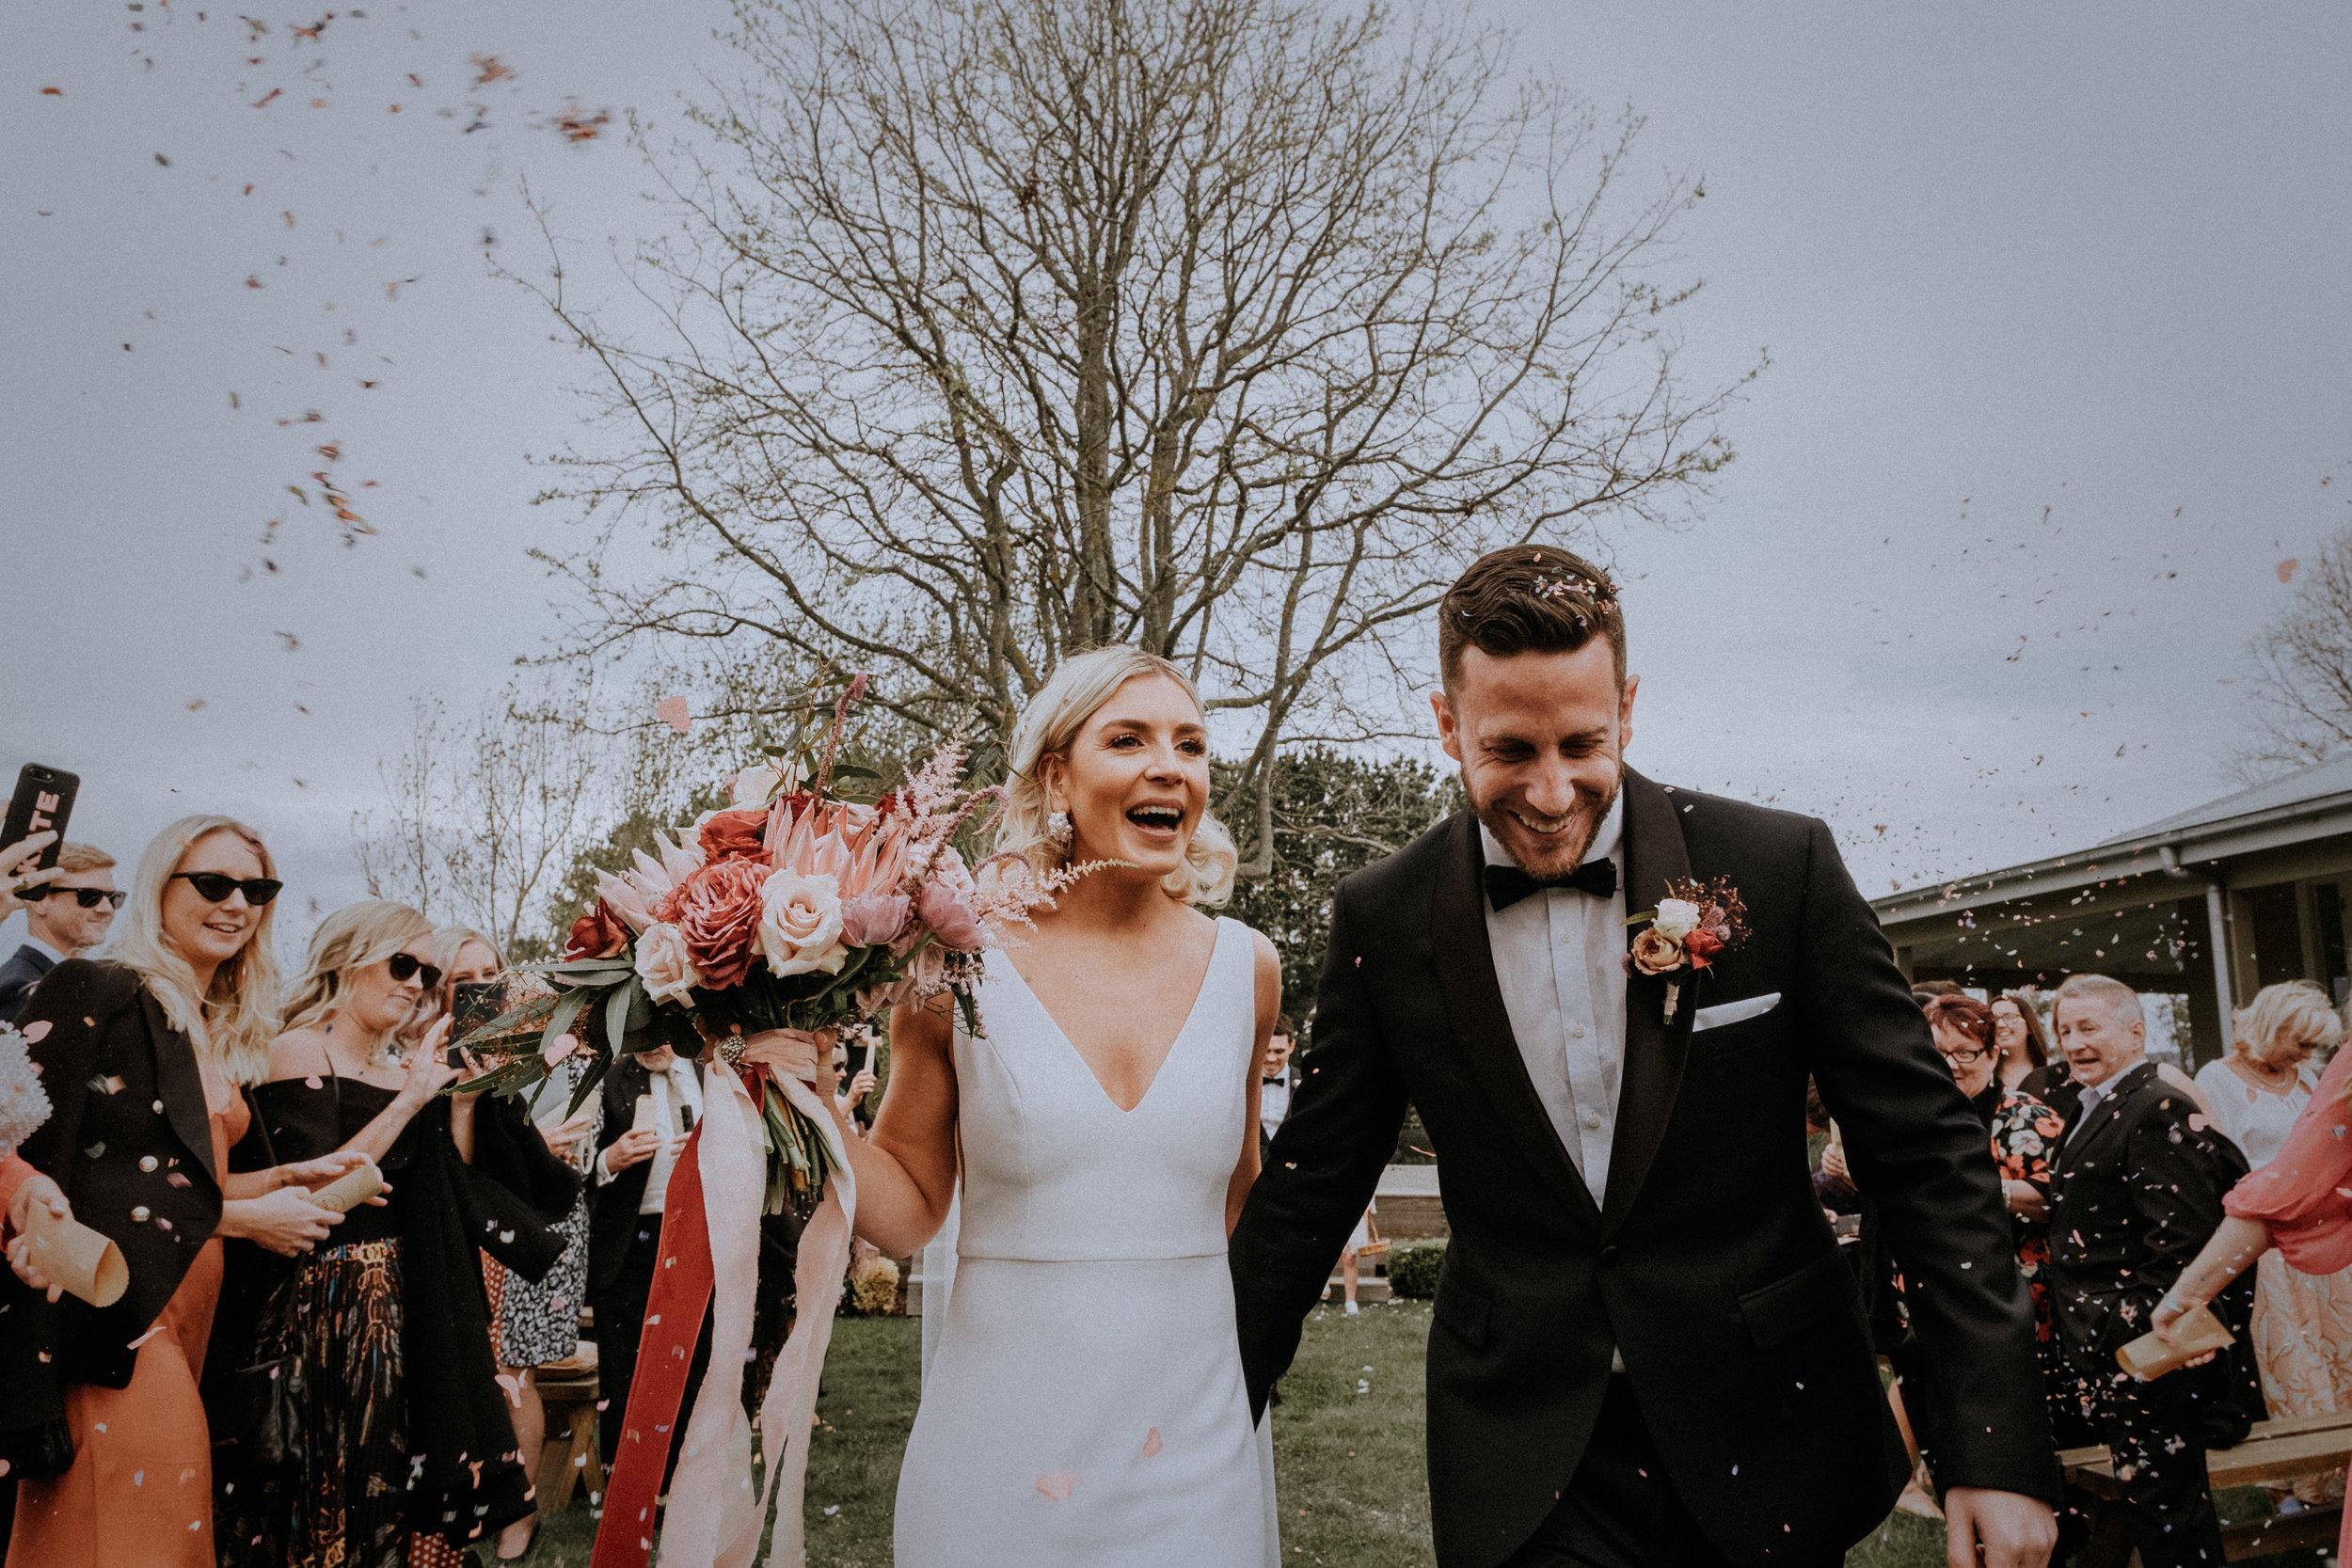 b&d_5s_waldara wedding_kings & thieves_insta - 225.jpg